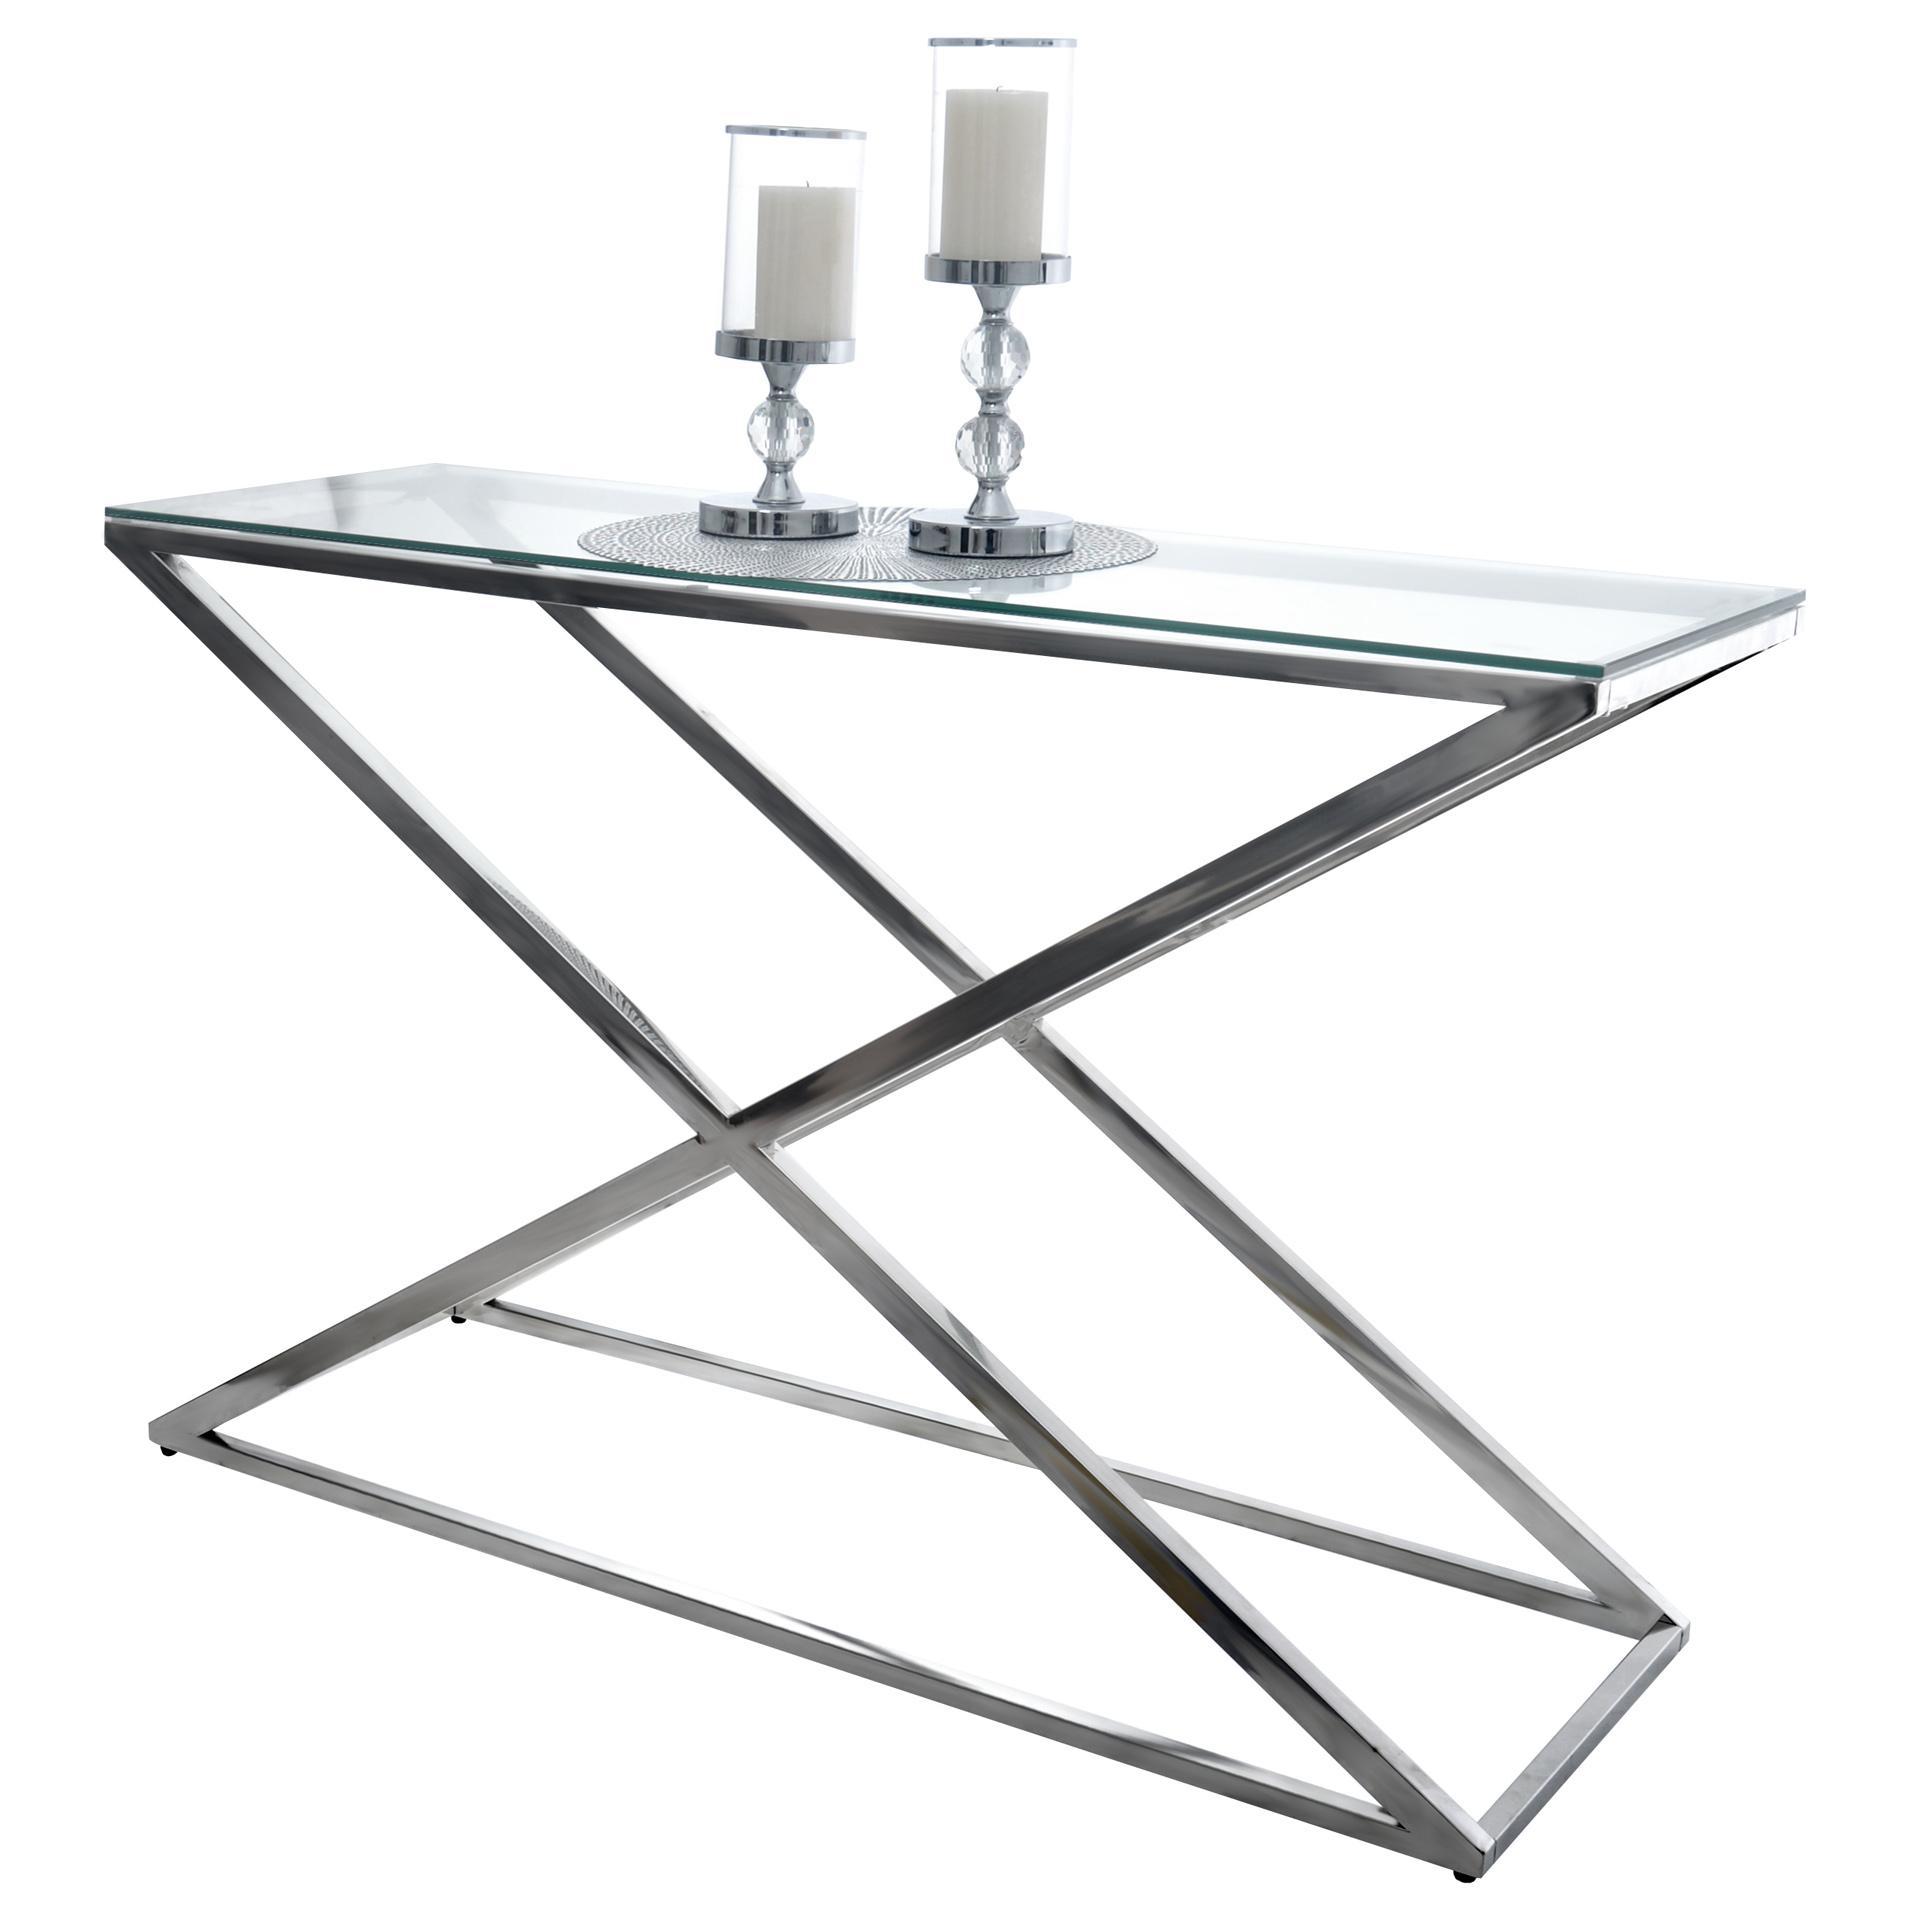 Ahoj, náhodou niekto má real fotku takýchto podobných konzolových stolíkov? uvádzajú rozmery 120x40x79 cm... nie je to malé? Ďakujem :) - Obrázok č. 1